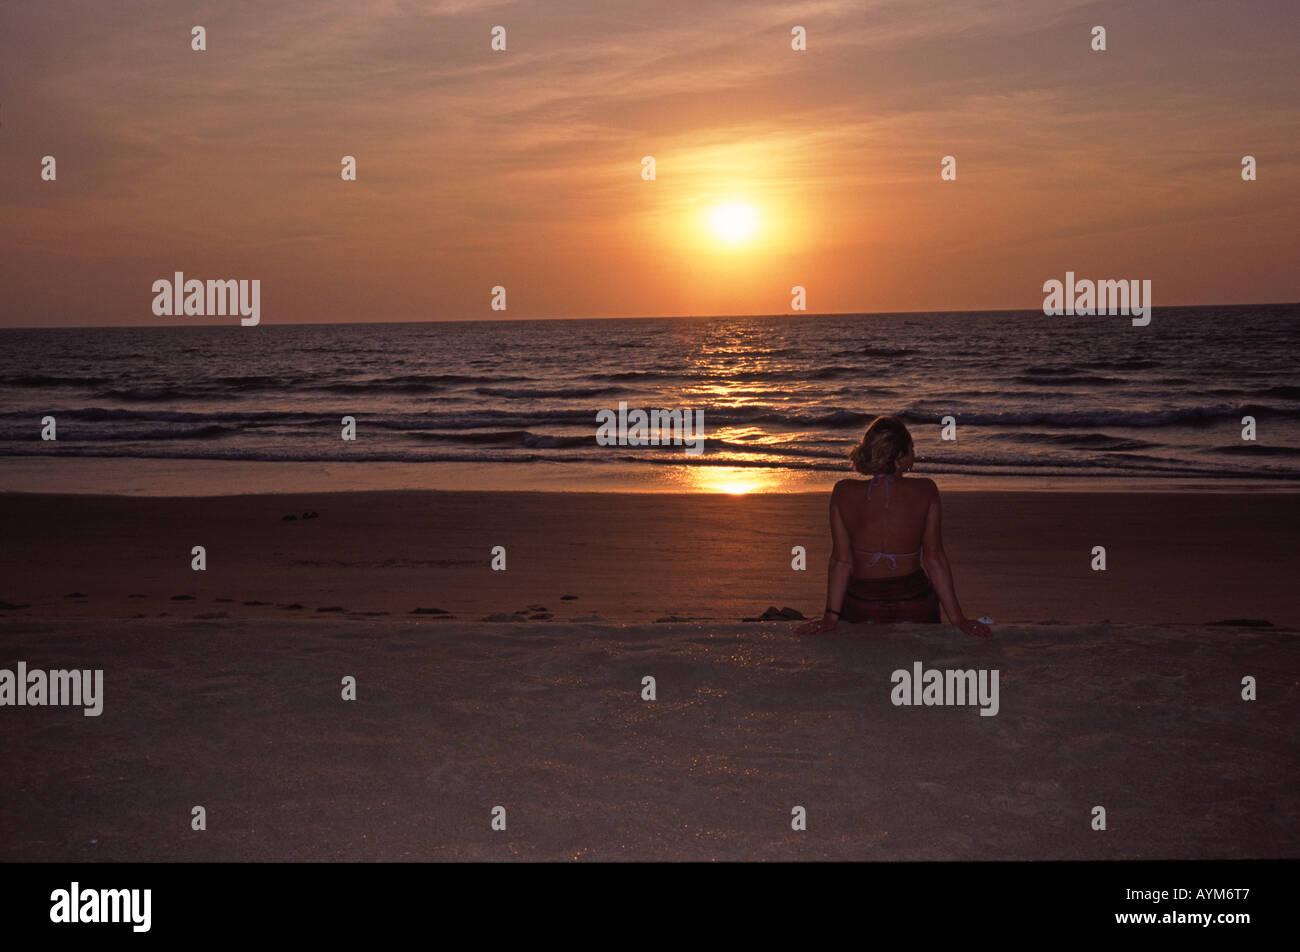 Indien-Sonnenuntergang am Arossim Beach in der Nähe von Colva in Goa Stockfoto